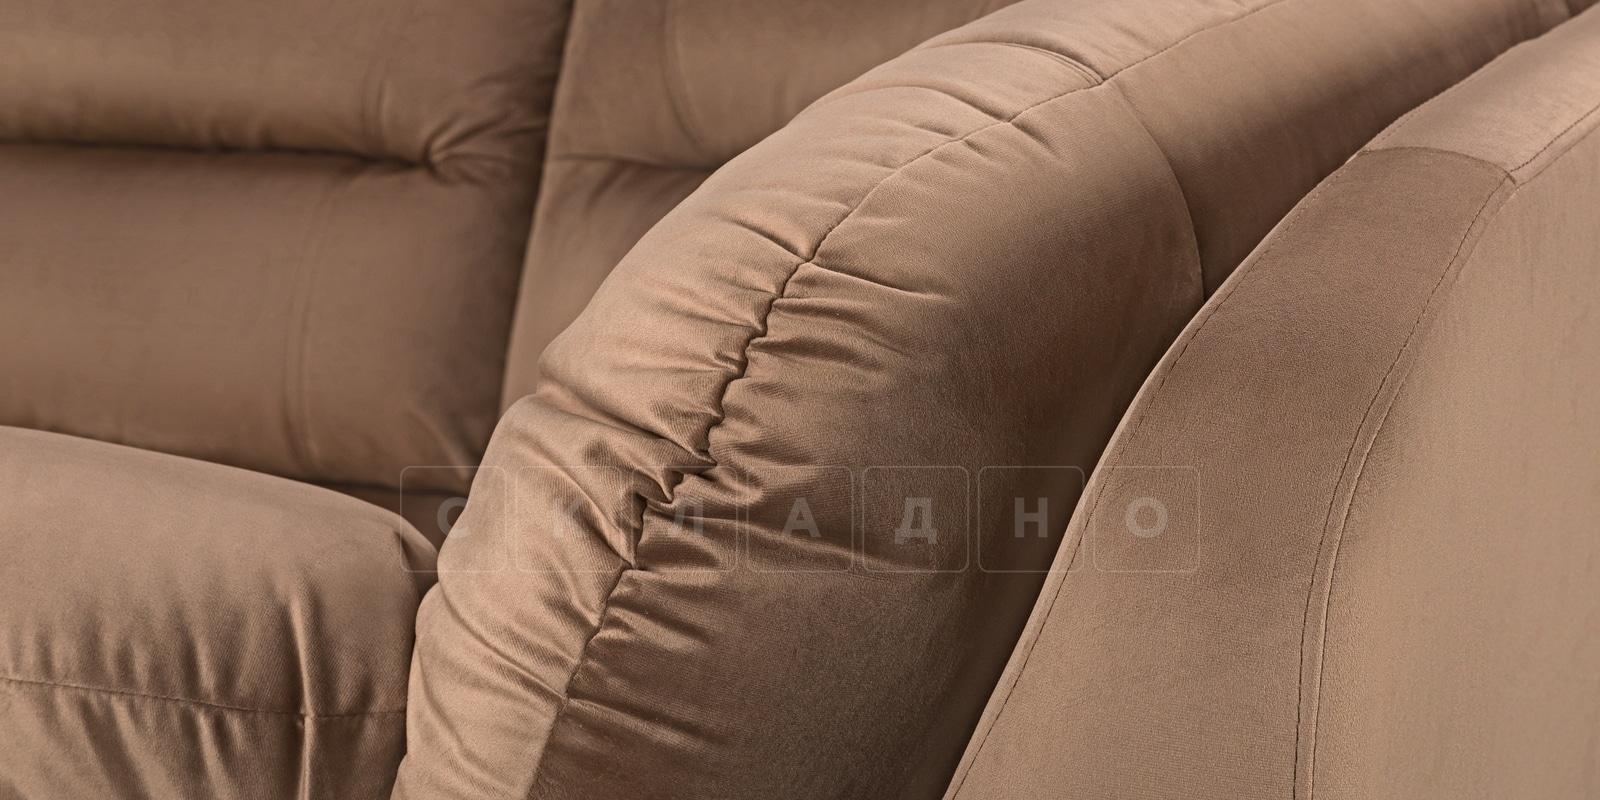 Диван угловой Бристоль велюр коричневый правый угол фото 5 | интернет-магазин Складно